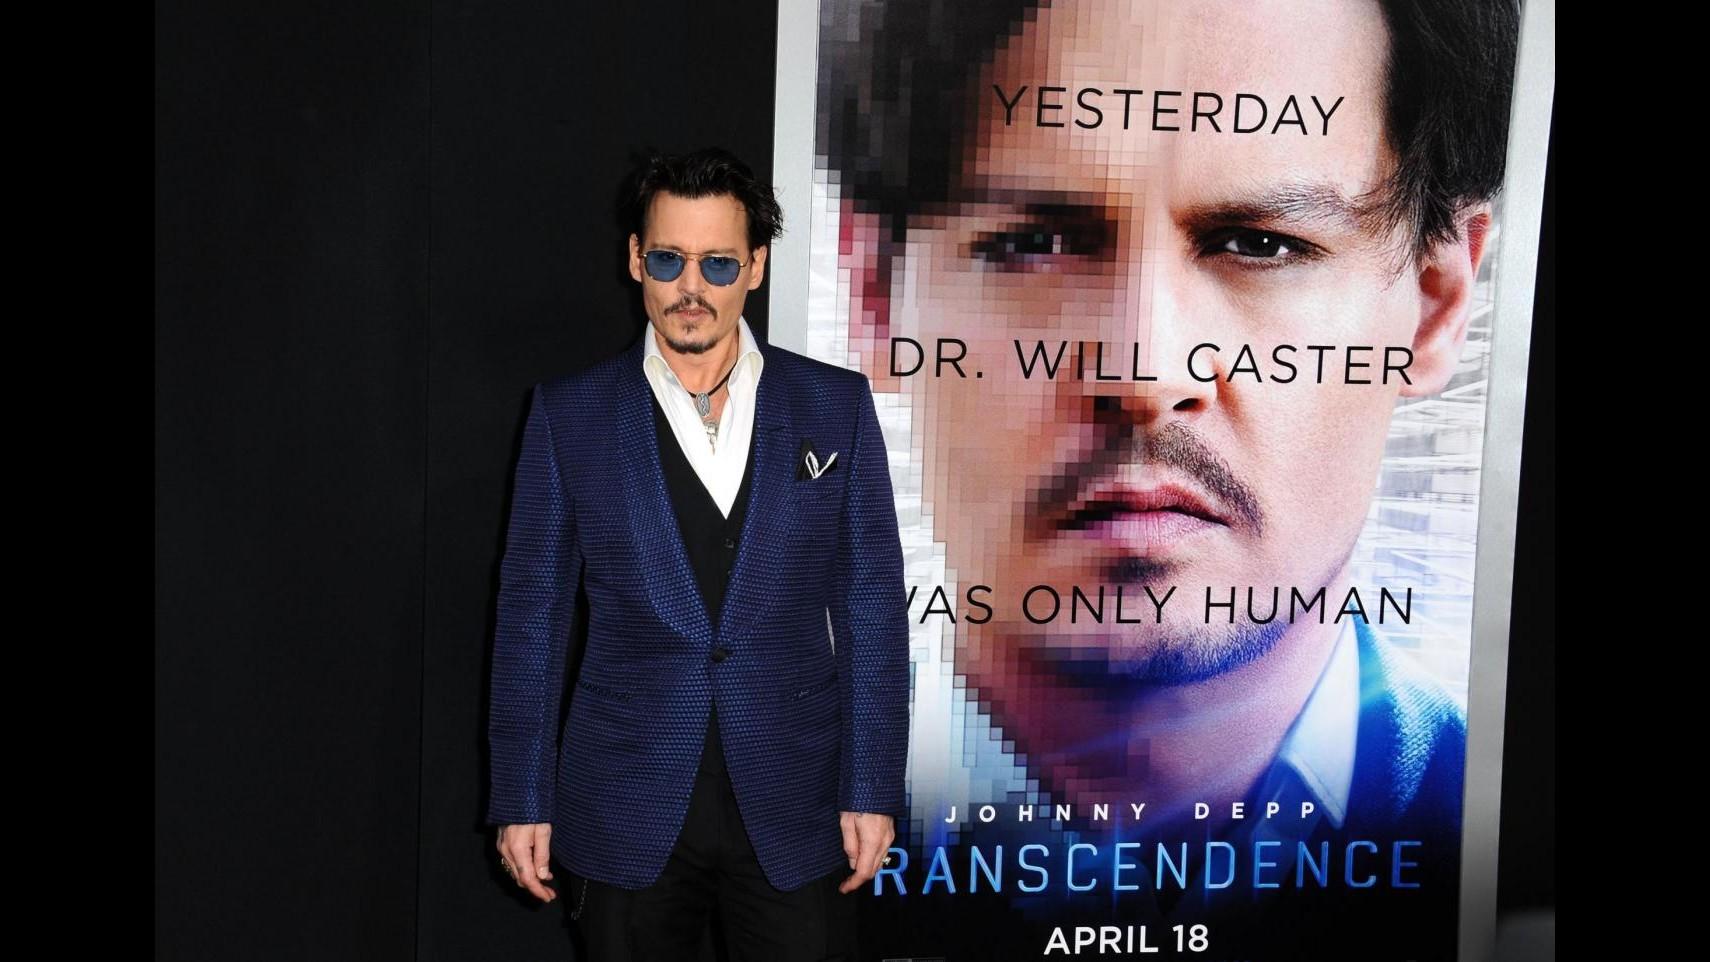 Johnny Depp ossessionato dai buoni sconto: compra tutto sui siti